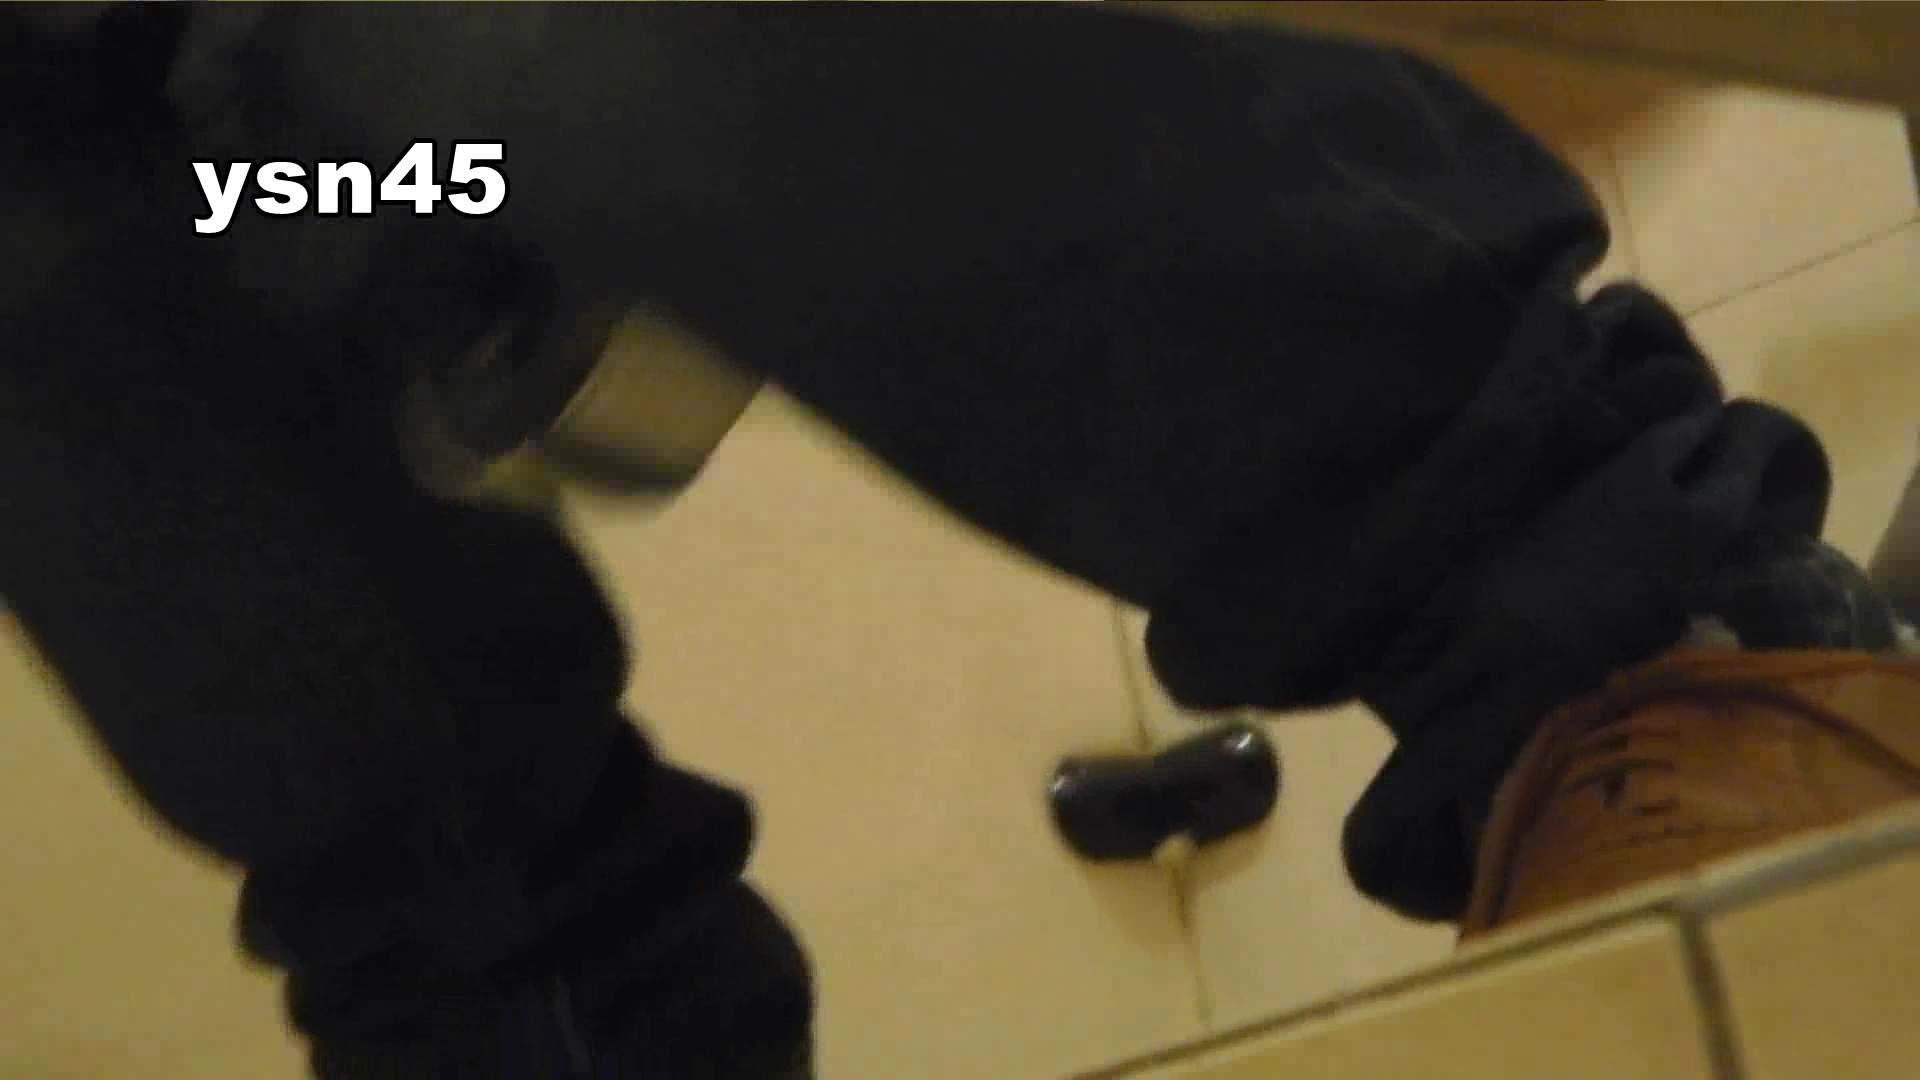 世界の射窓から vol.45 尻出しスマホ お姉さん攻略 濡れ場動画紹介 79画像 3